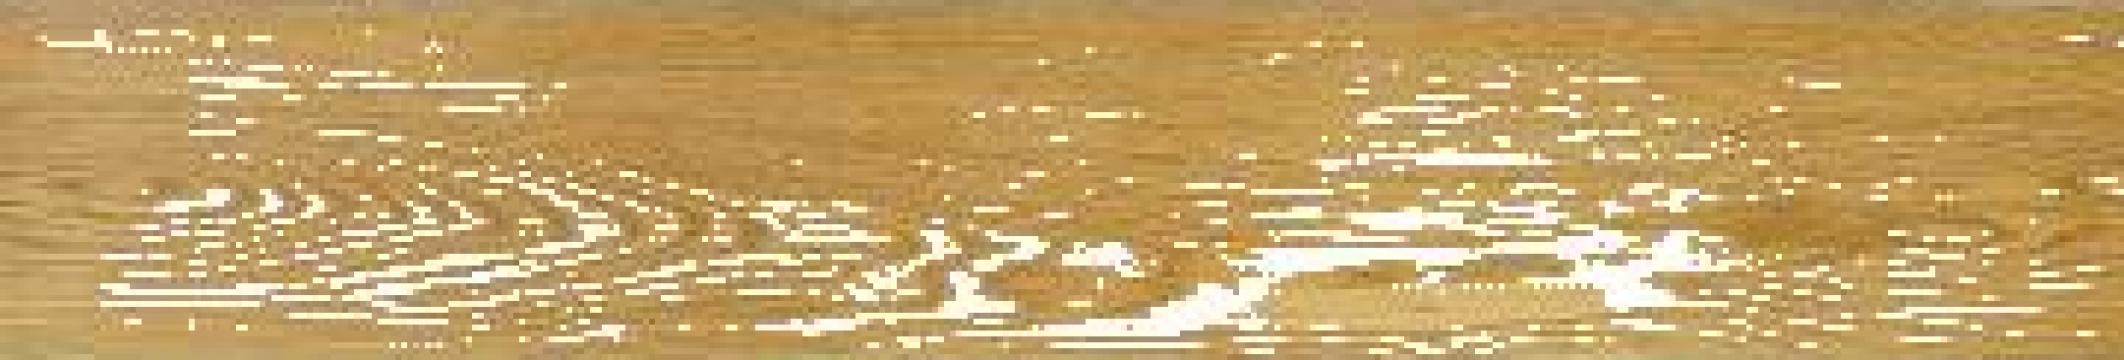 Placi linoleum Plank PVC autoadezive 152 x 914 x 1.5mm de la A-Med S.r.l.